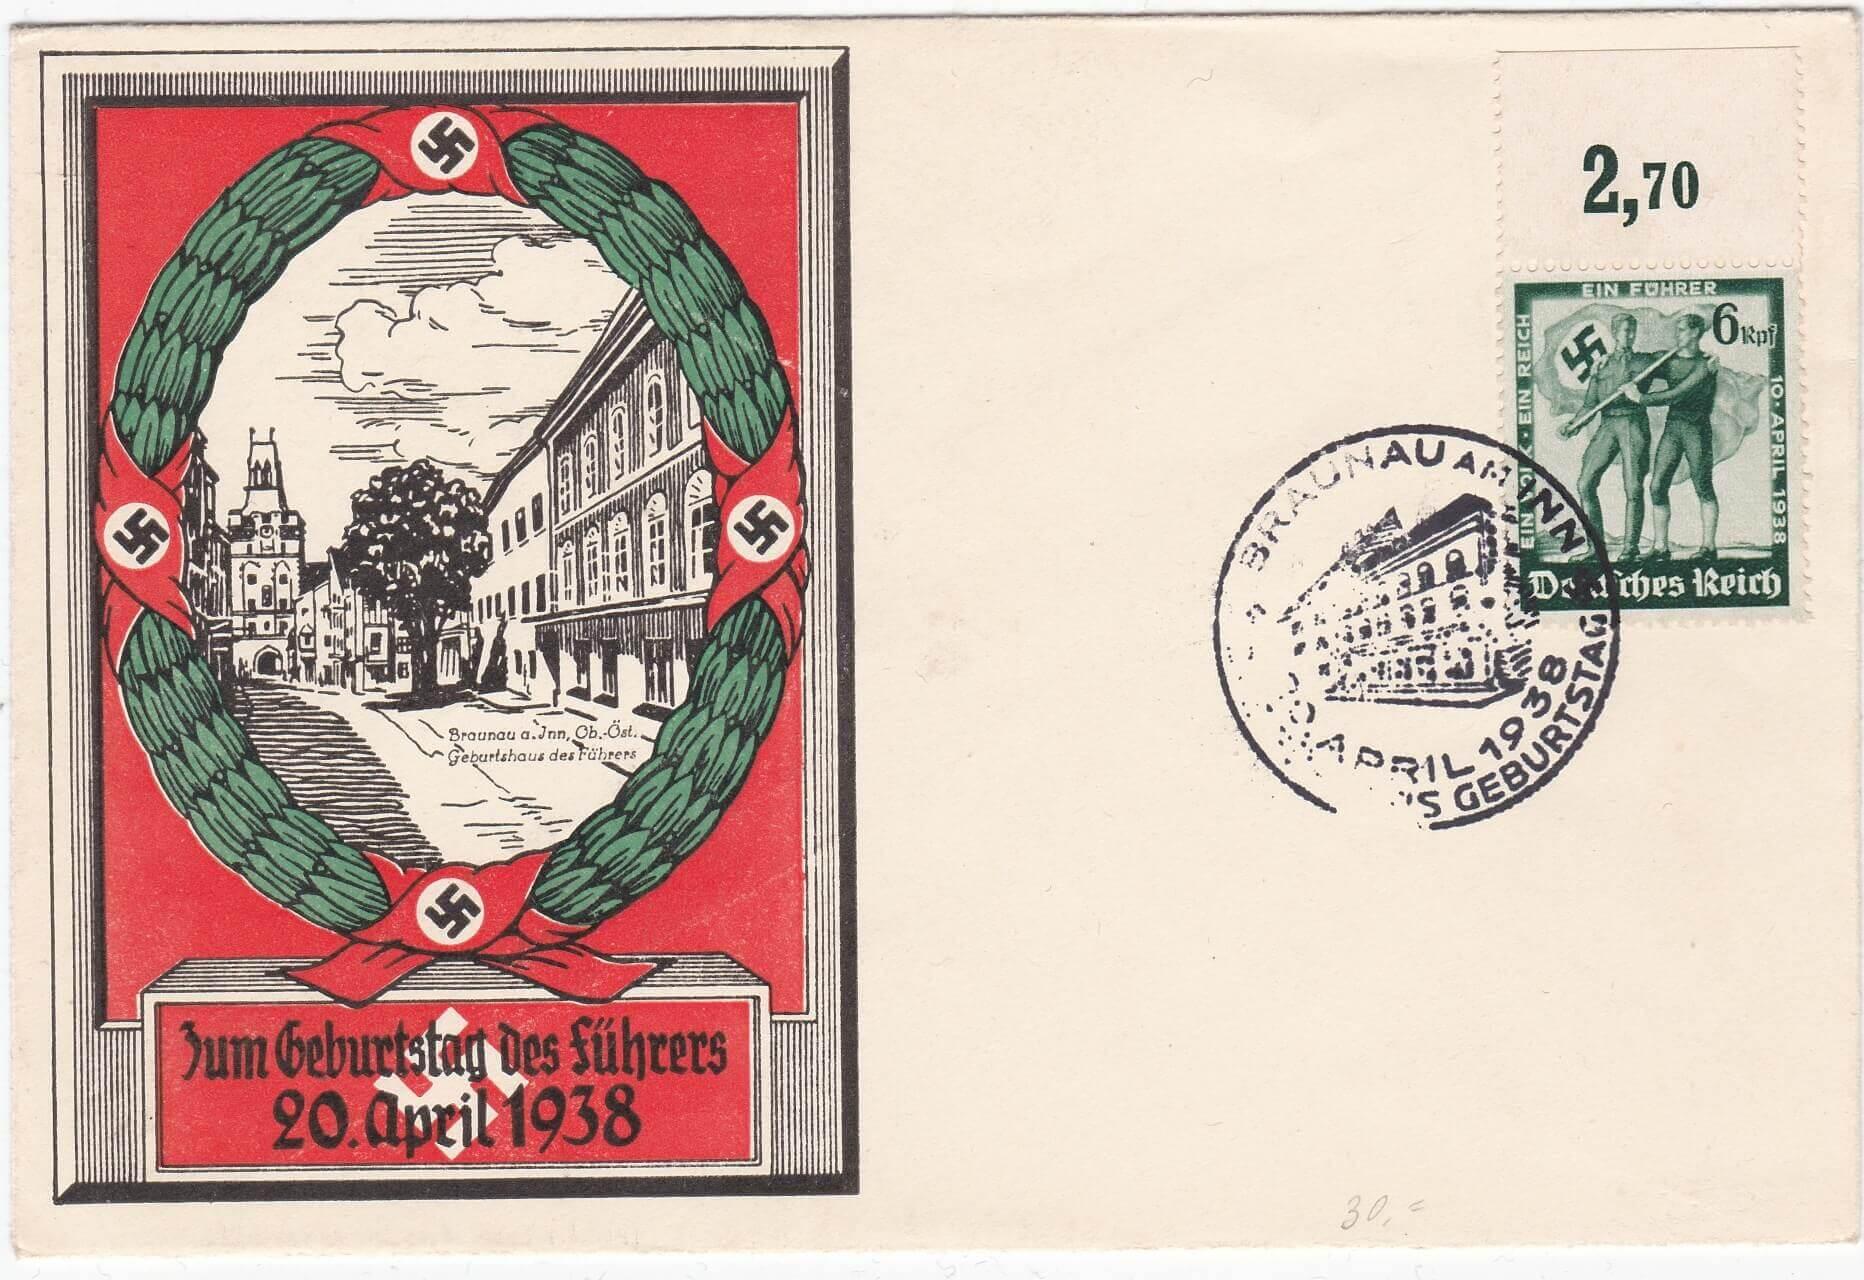 Zum geburtstag des Fuhrers 1938 Braunau